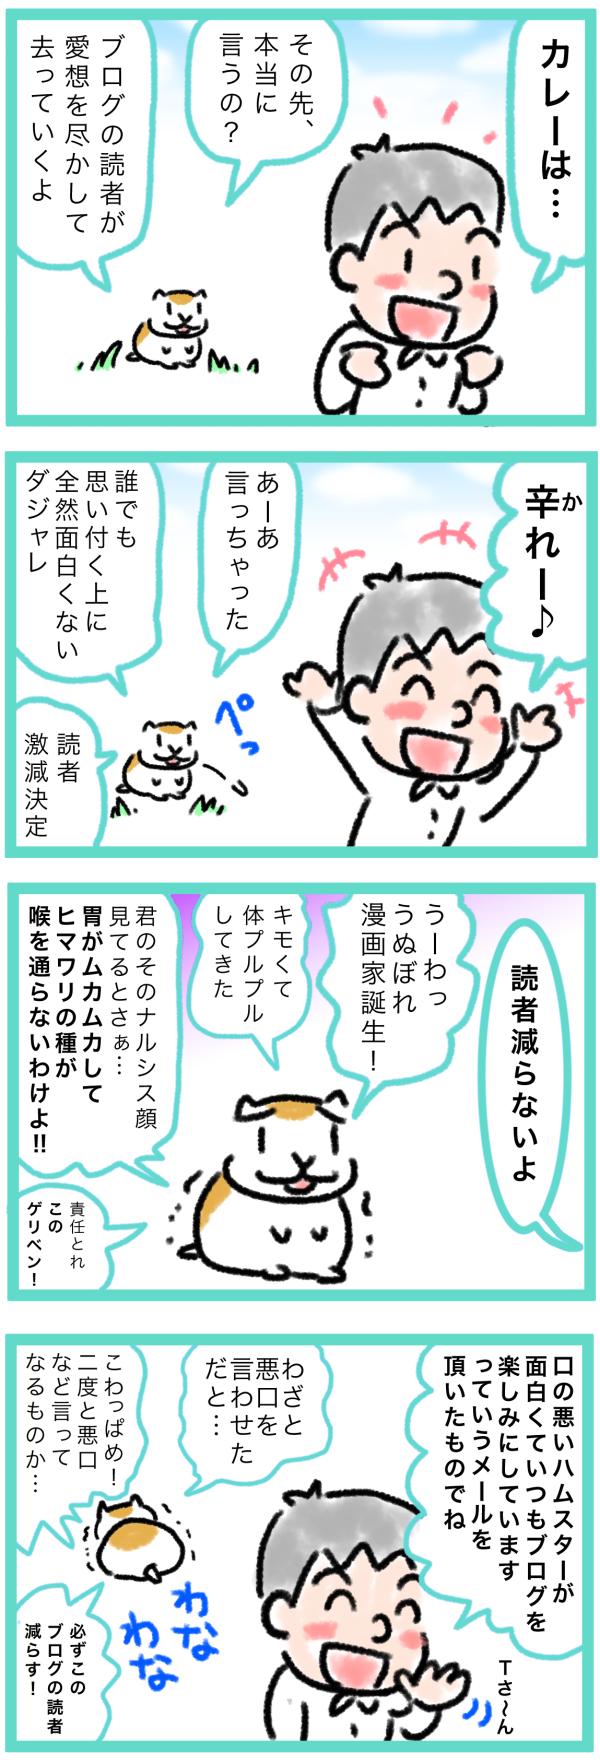 有機野菜カレーのレシピ漫画